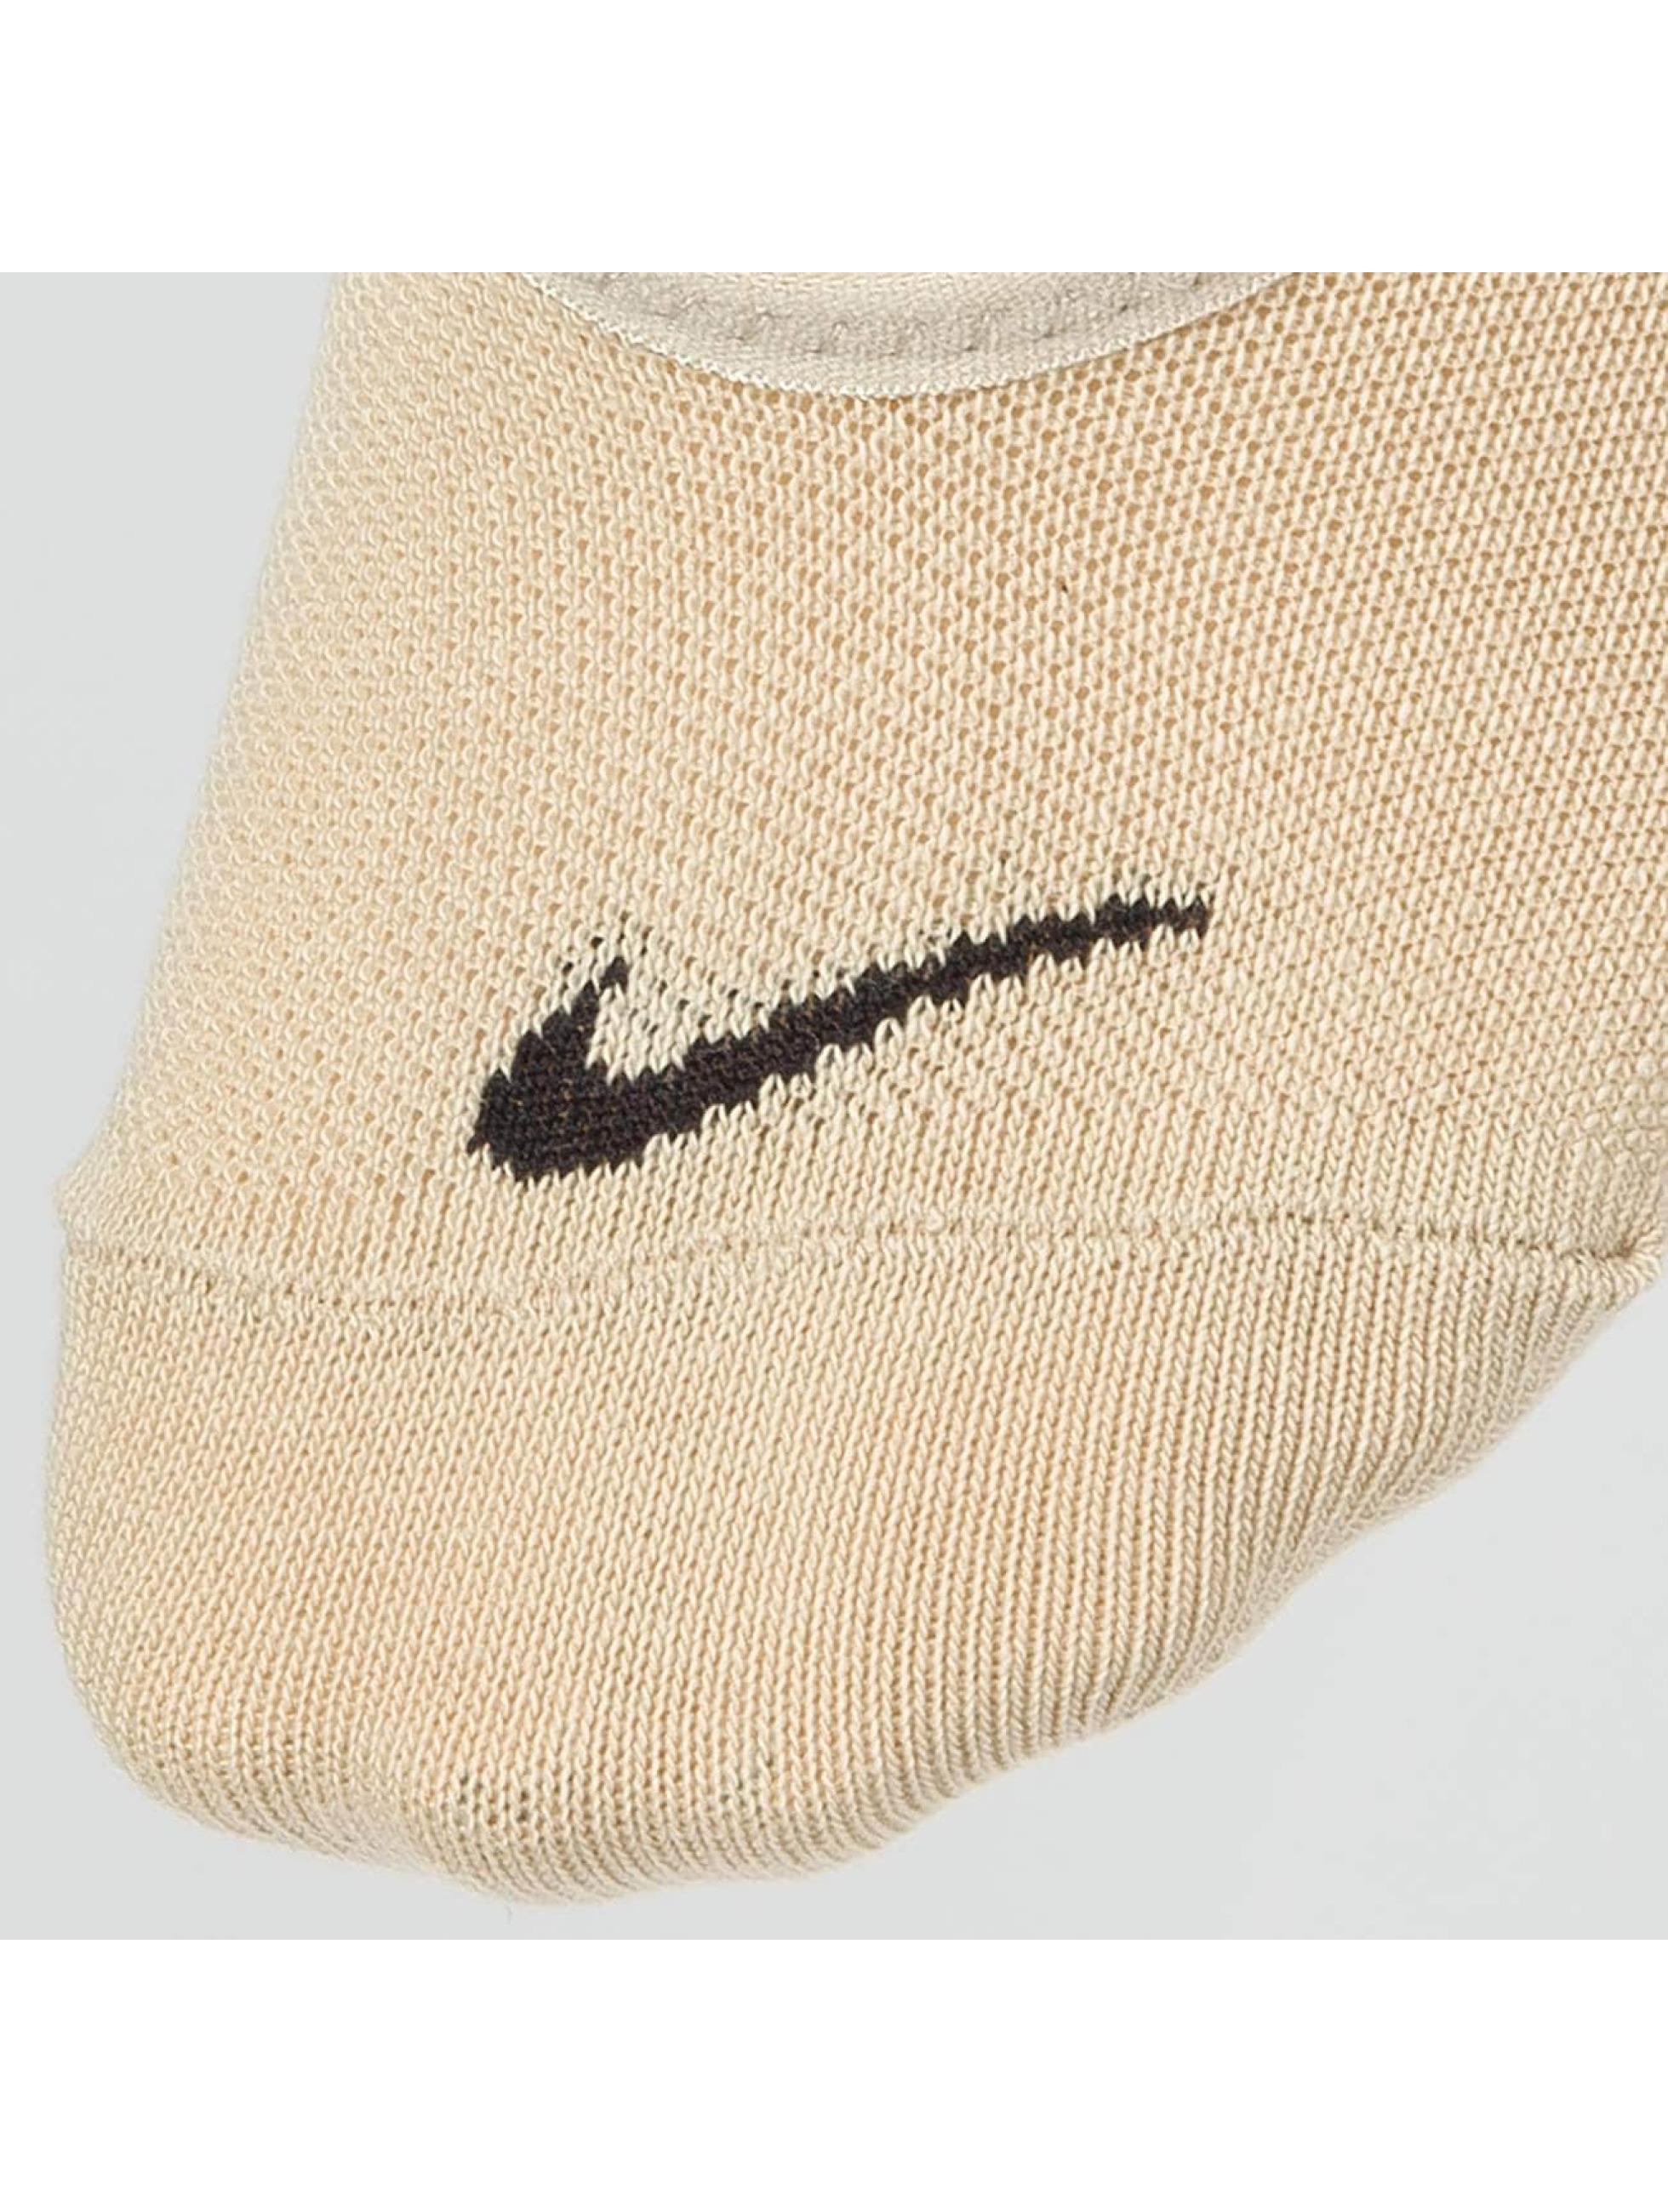 Nike Performance Skarpetki Everyday Lightweight Footie Training 3 Pack kolorowy